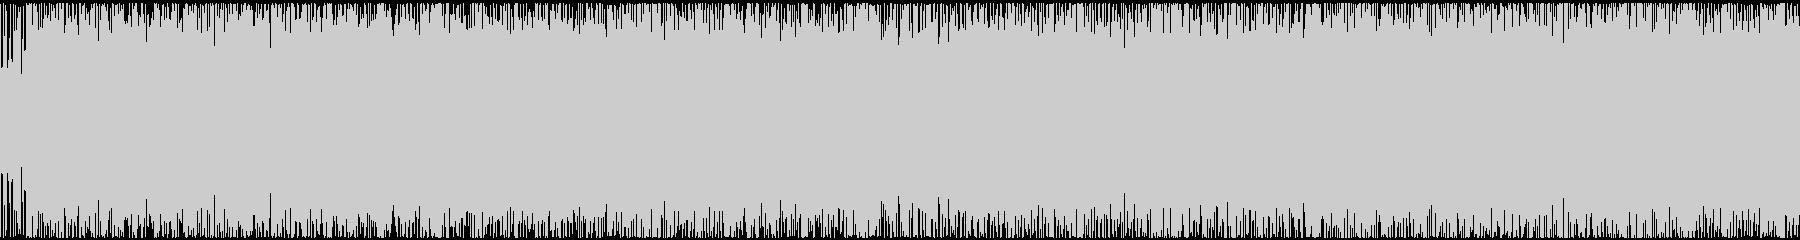 疾走感のある重低音戦闘曲(ループ処理済)の未再生の波形